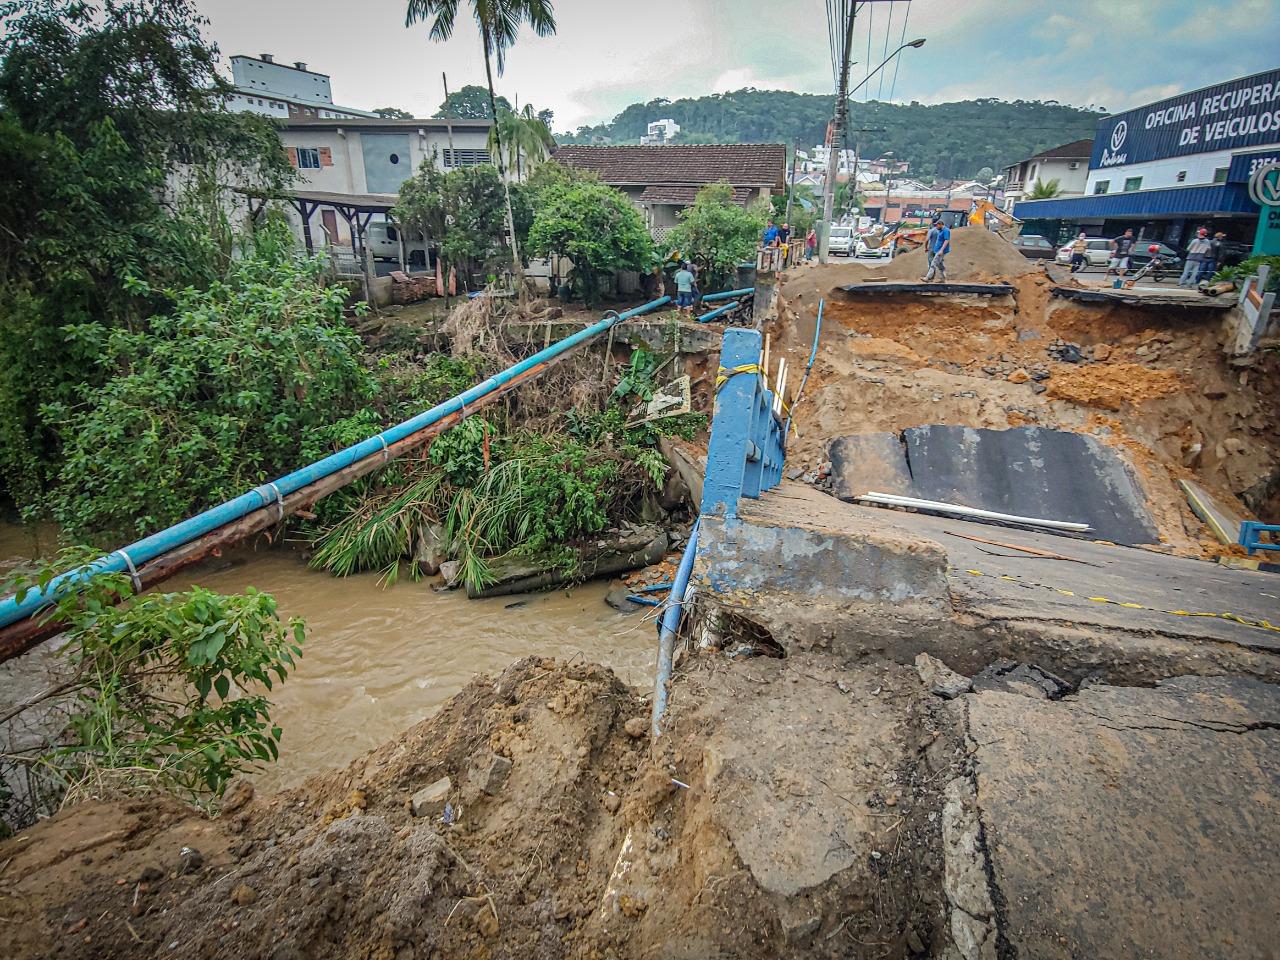 Samae finaliza reparo emergencial após queda de ponte